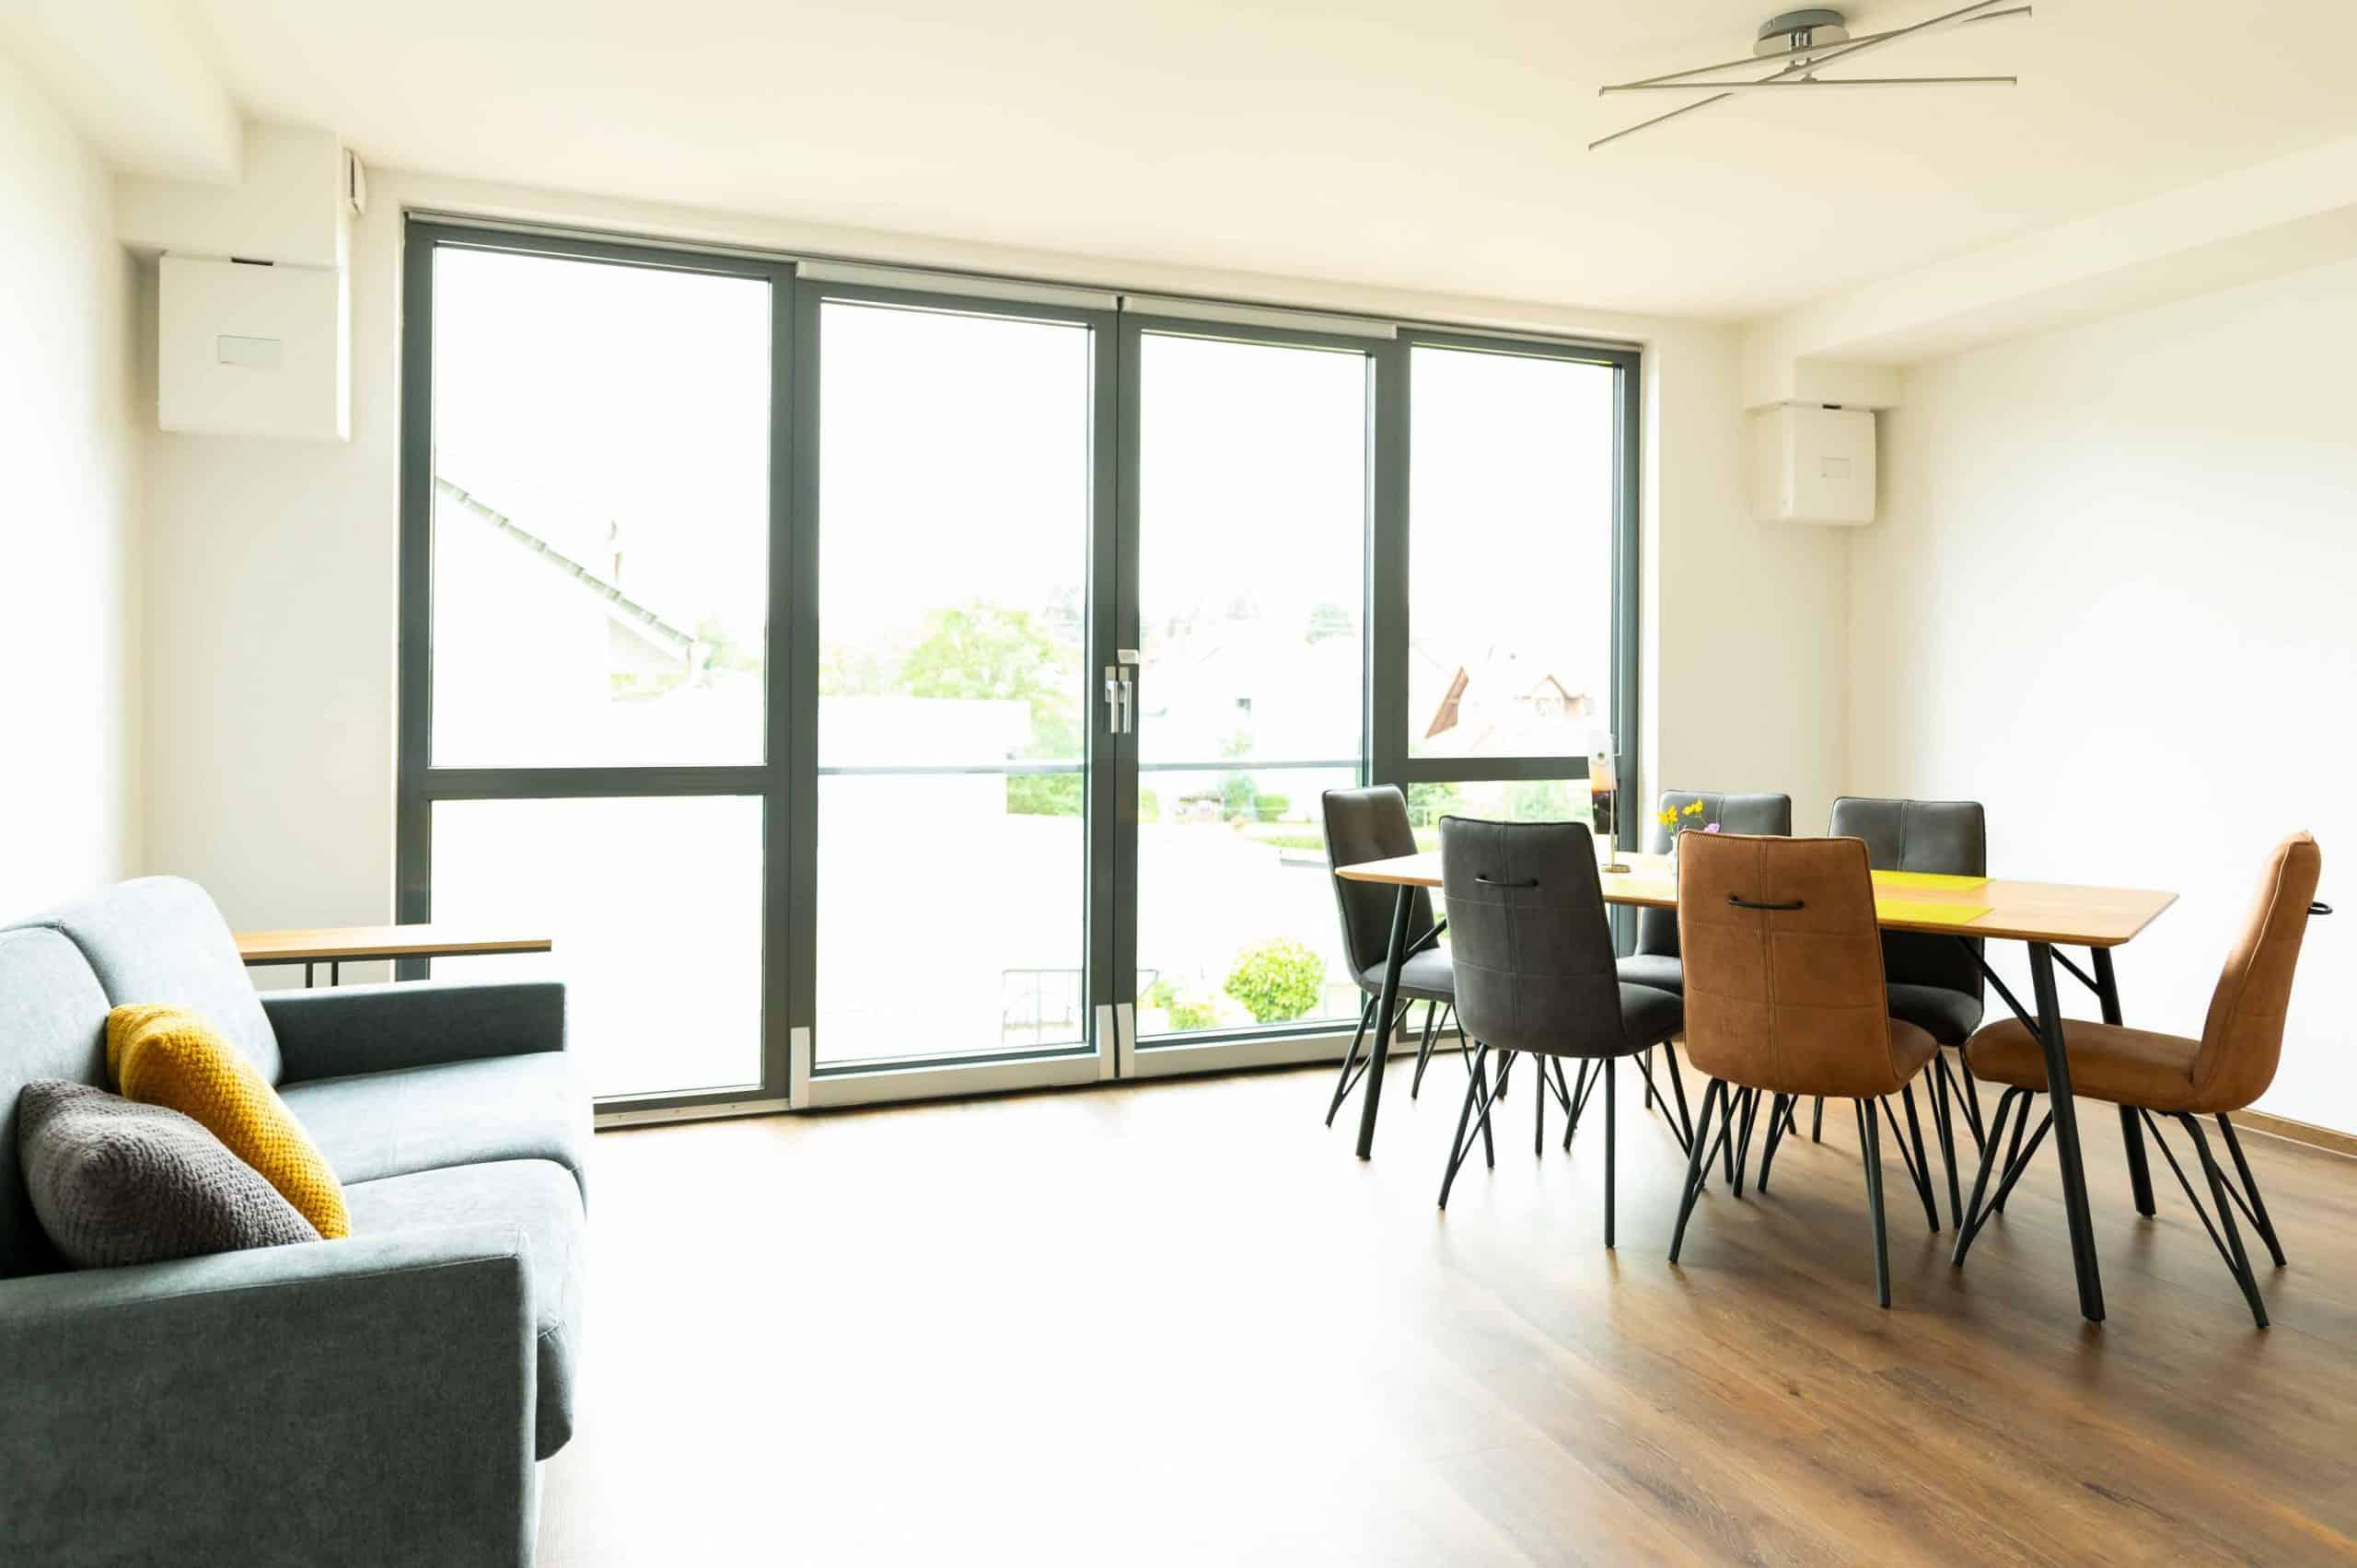 appartement-mettlach-alter-turm-wohnbereich